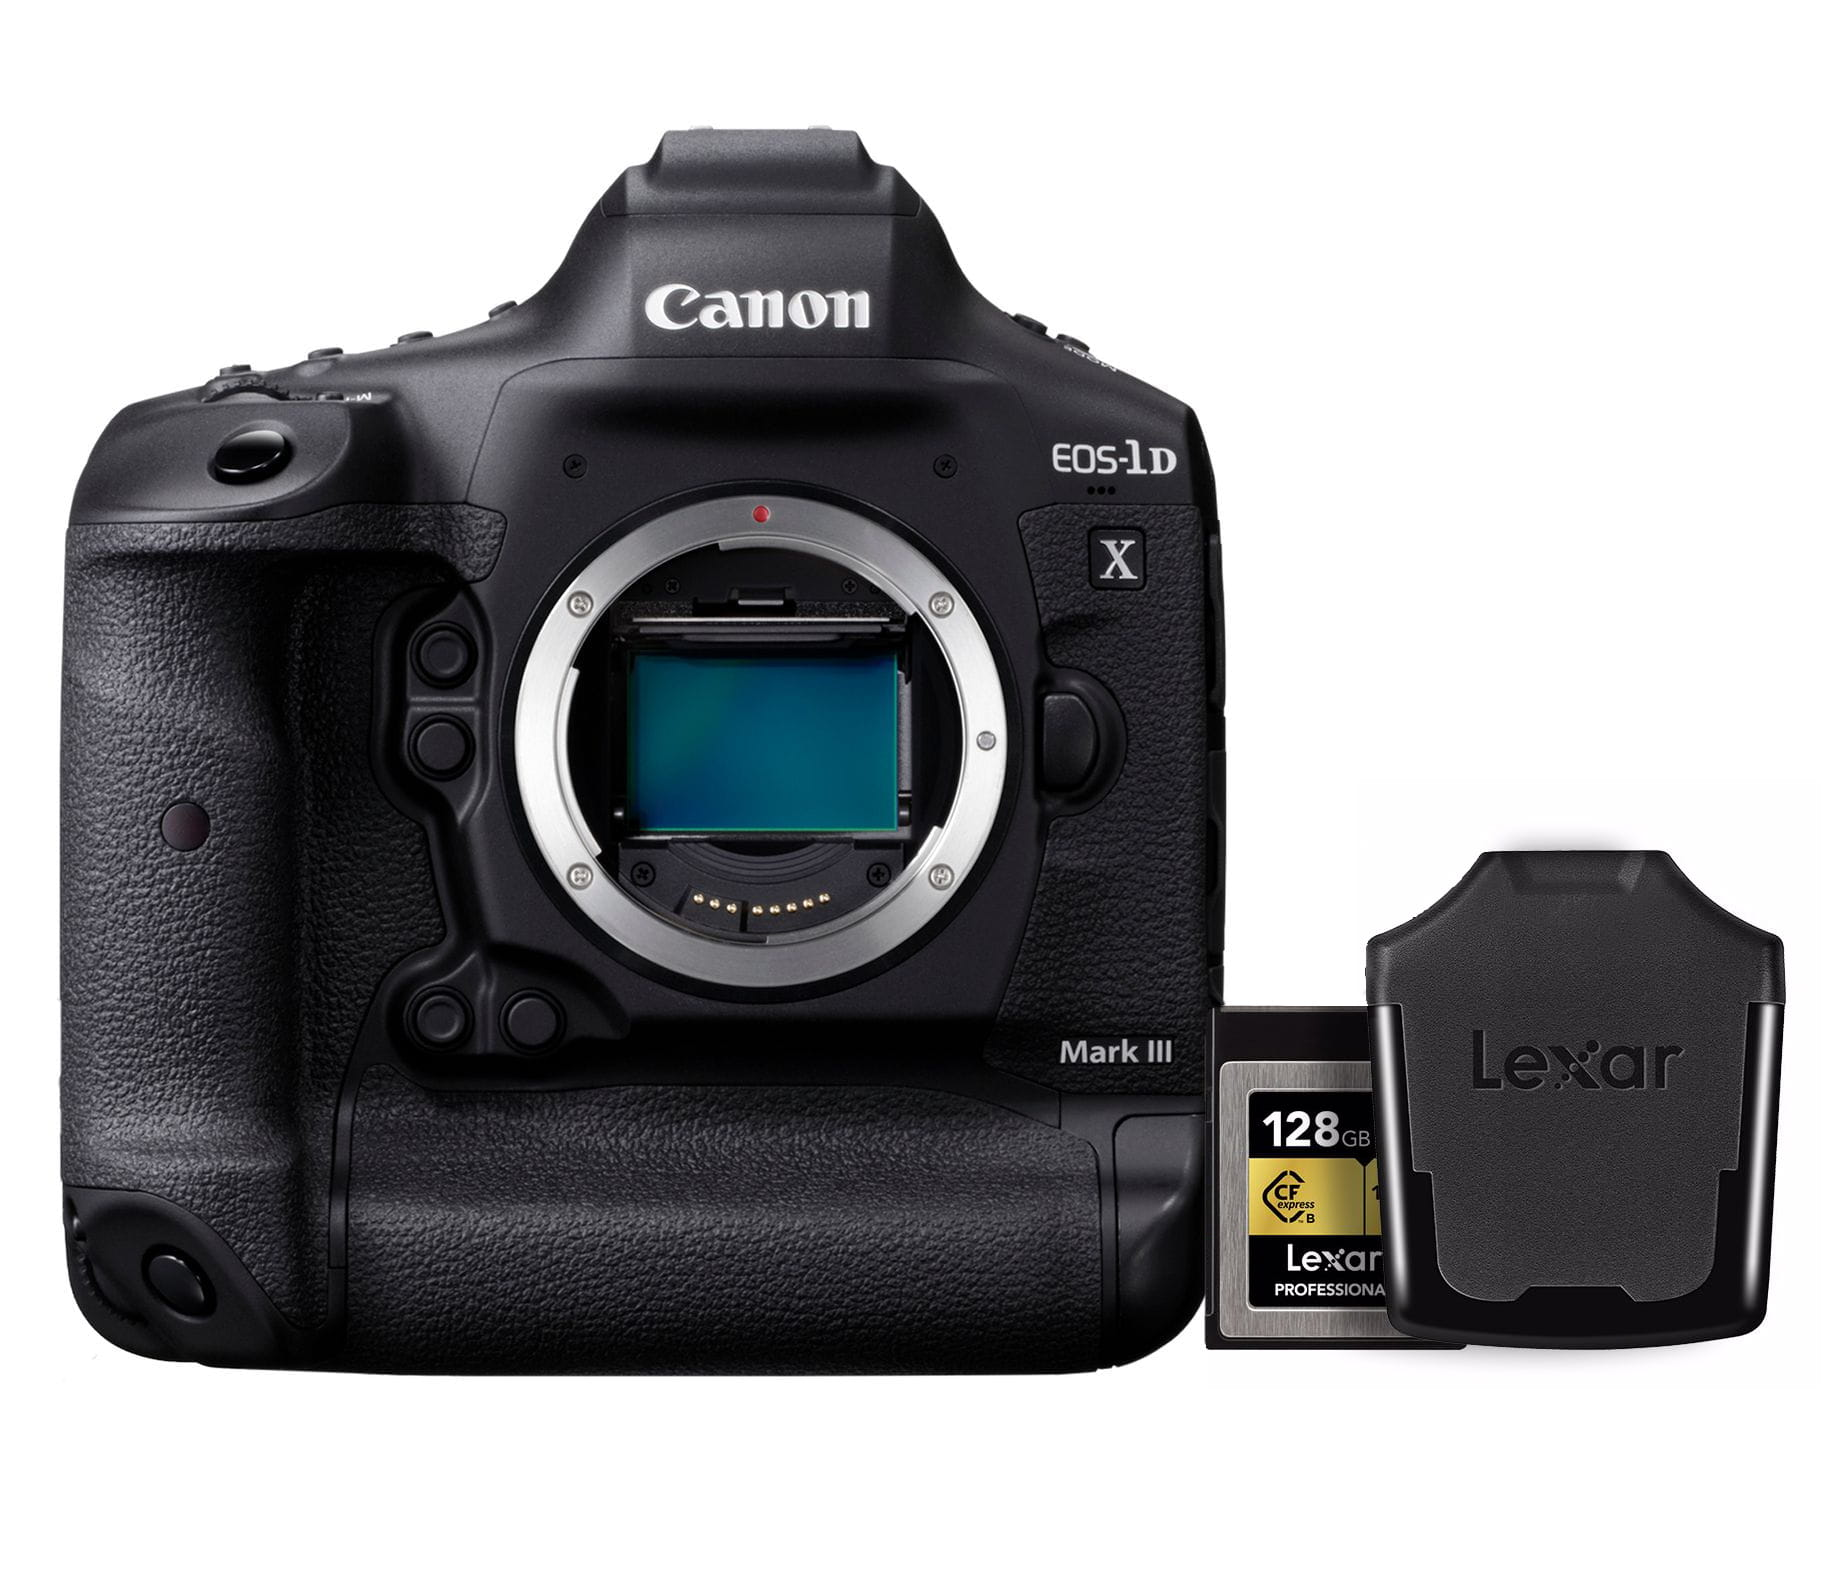 Lustrzanka Canon EOS 1DX Mark III + karta + czytnik + Cashback Canon Lens Promo z wybranym obiektywem Canon!